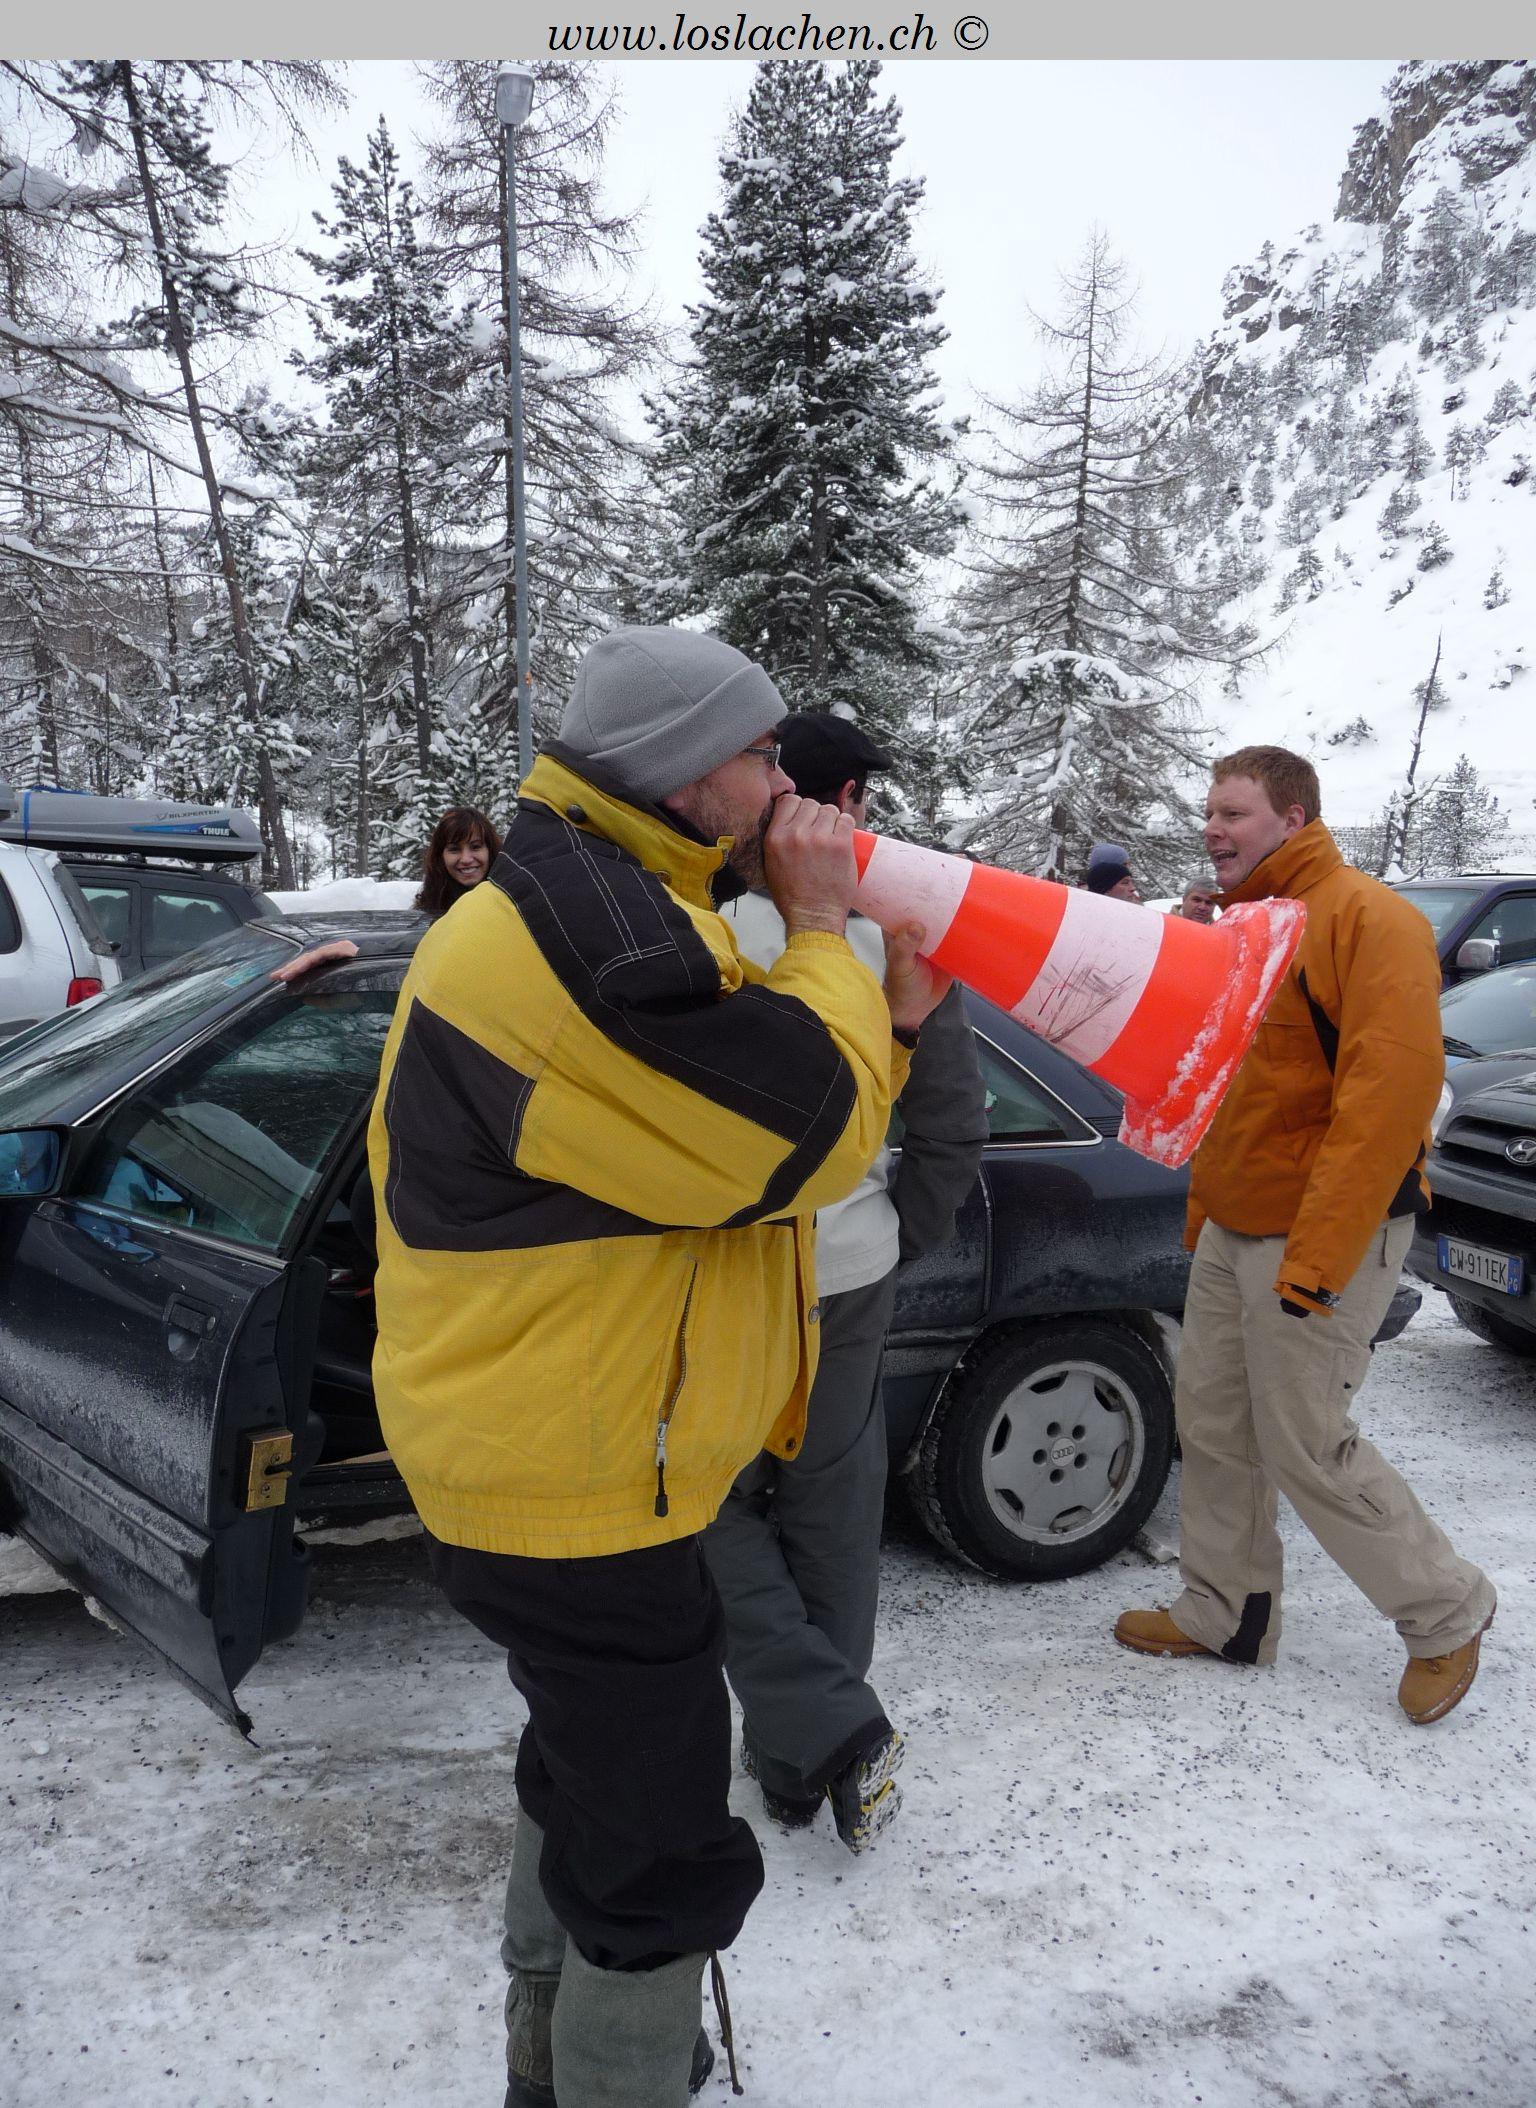 Motorschlittenfahren in Livigno